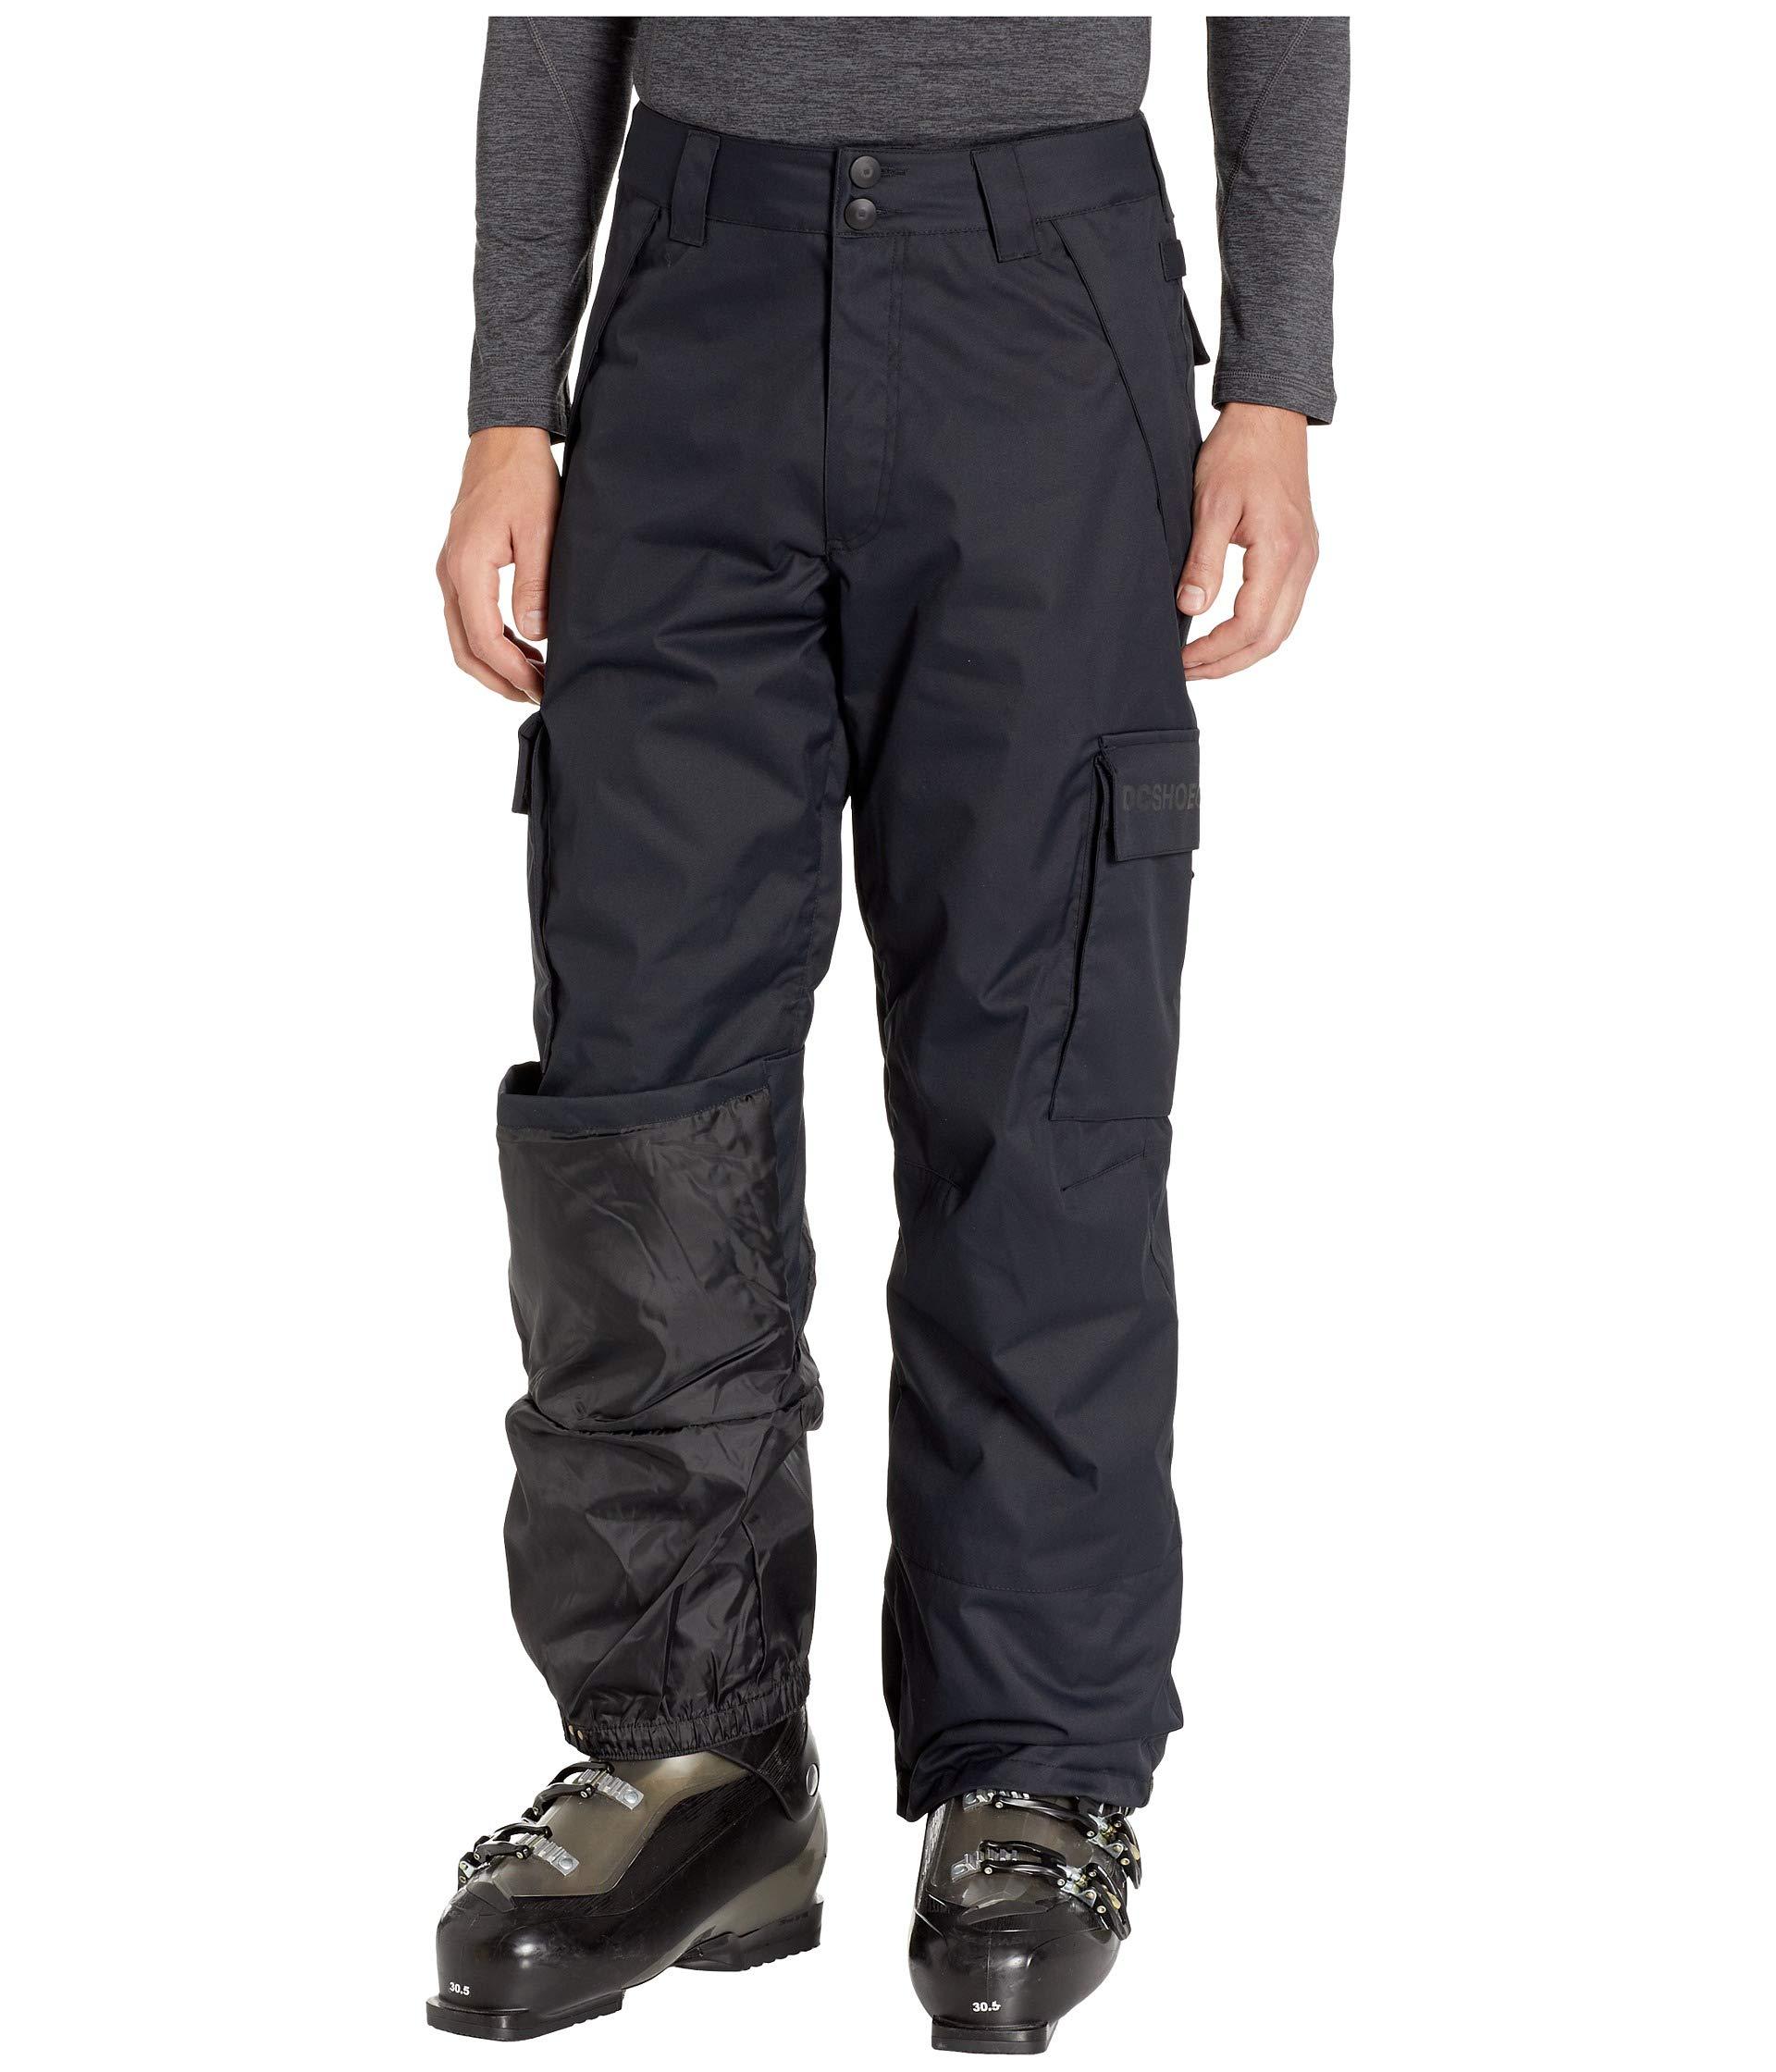 Pants Pants Dc Banshee Banshee Black Dc 1qxdwaCYI